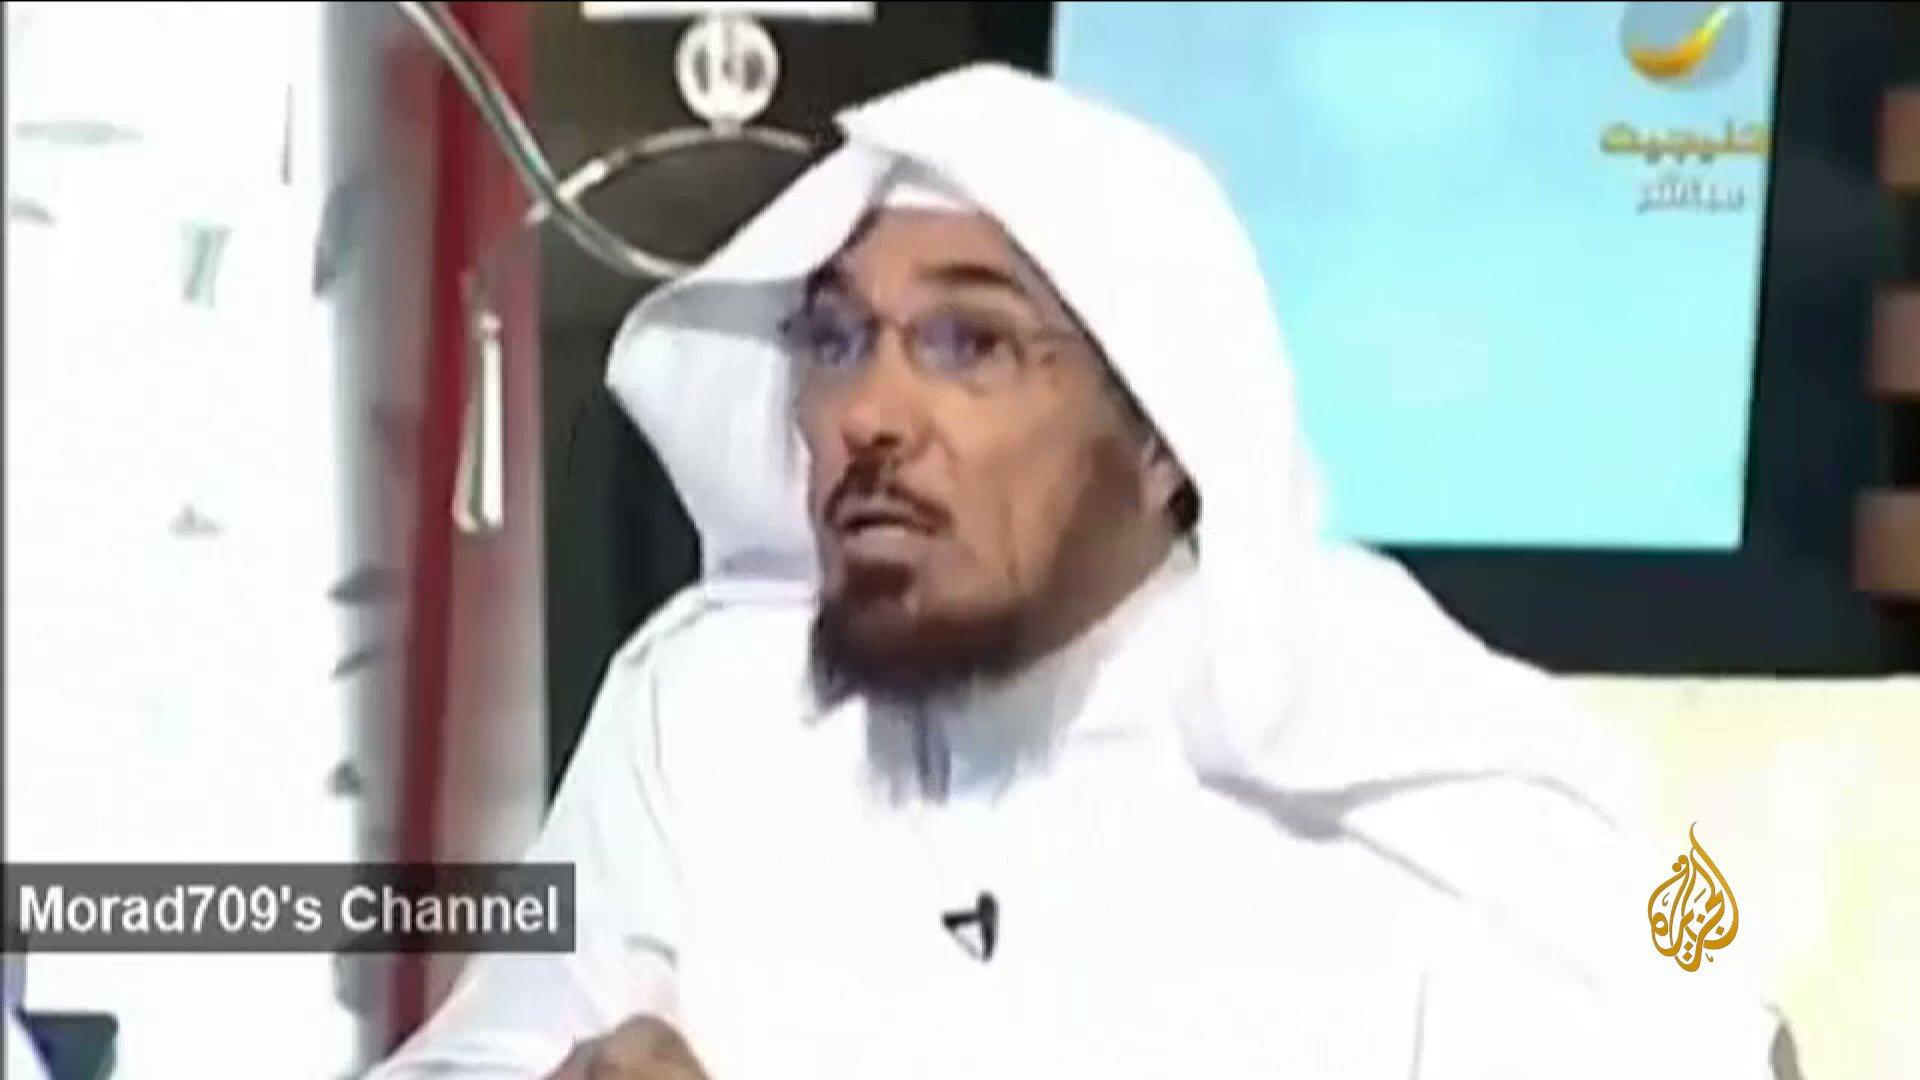 #سباق_الأخبار | #سلمان_العودة.. في بلاد الحرمين الصمت لا ينجيك من ظلمات المعتقل، المطلوب فقط أن تحرض على #قطر https://t.co/25jzynXPsm